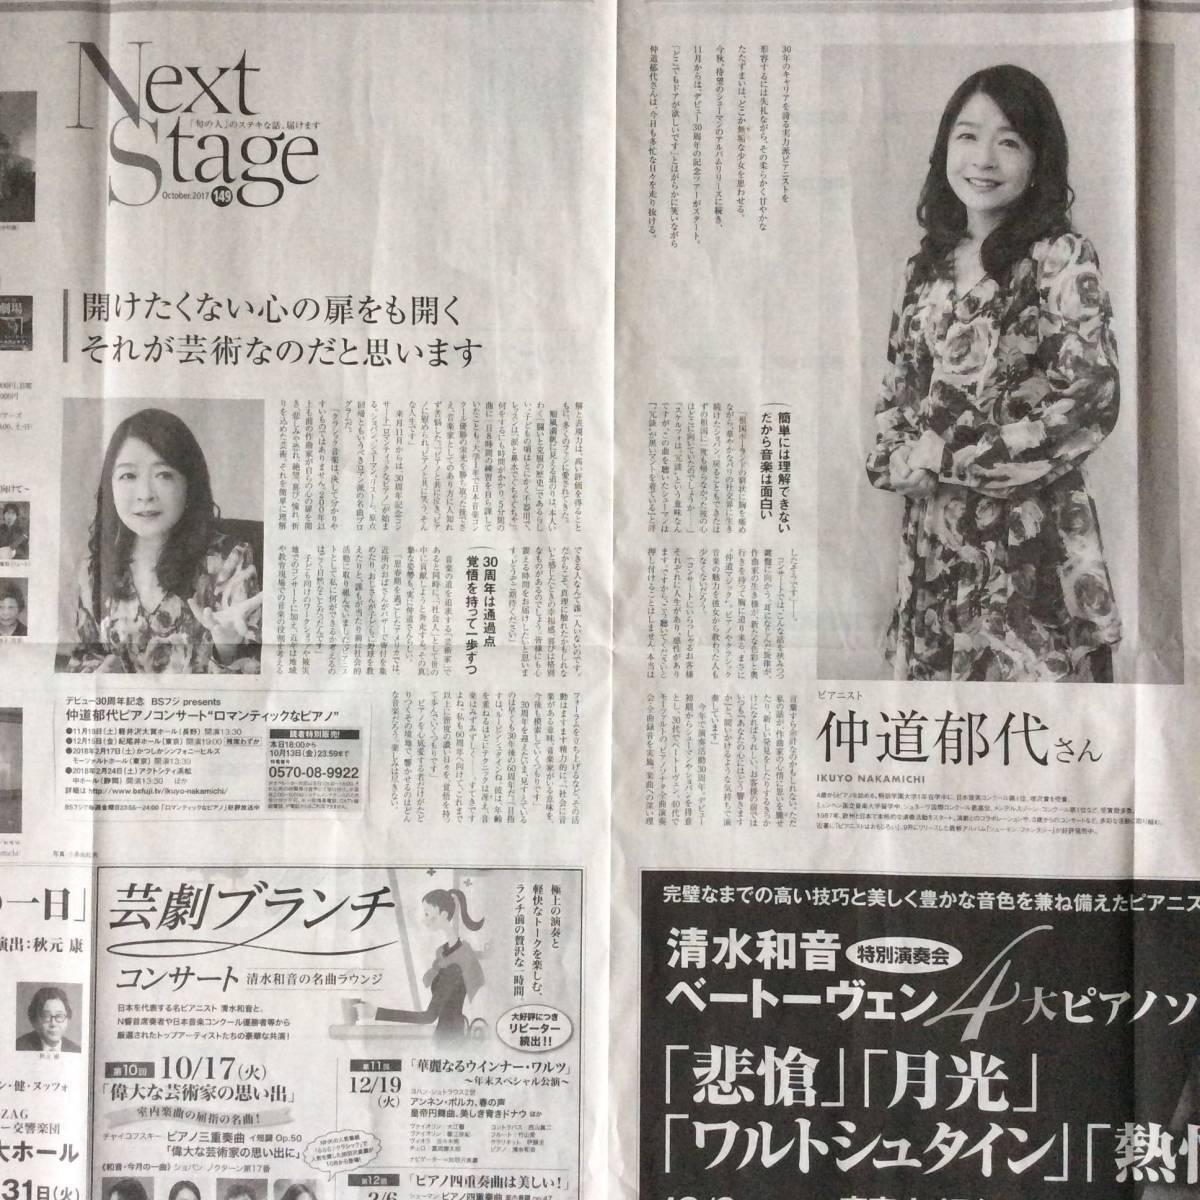 値下↓仲道郁代 Next Stage(ネクストステージ)149朝日新聞広告特集紙面171011